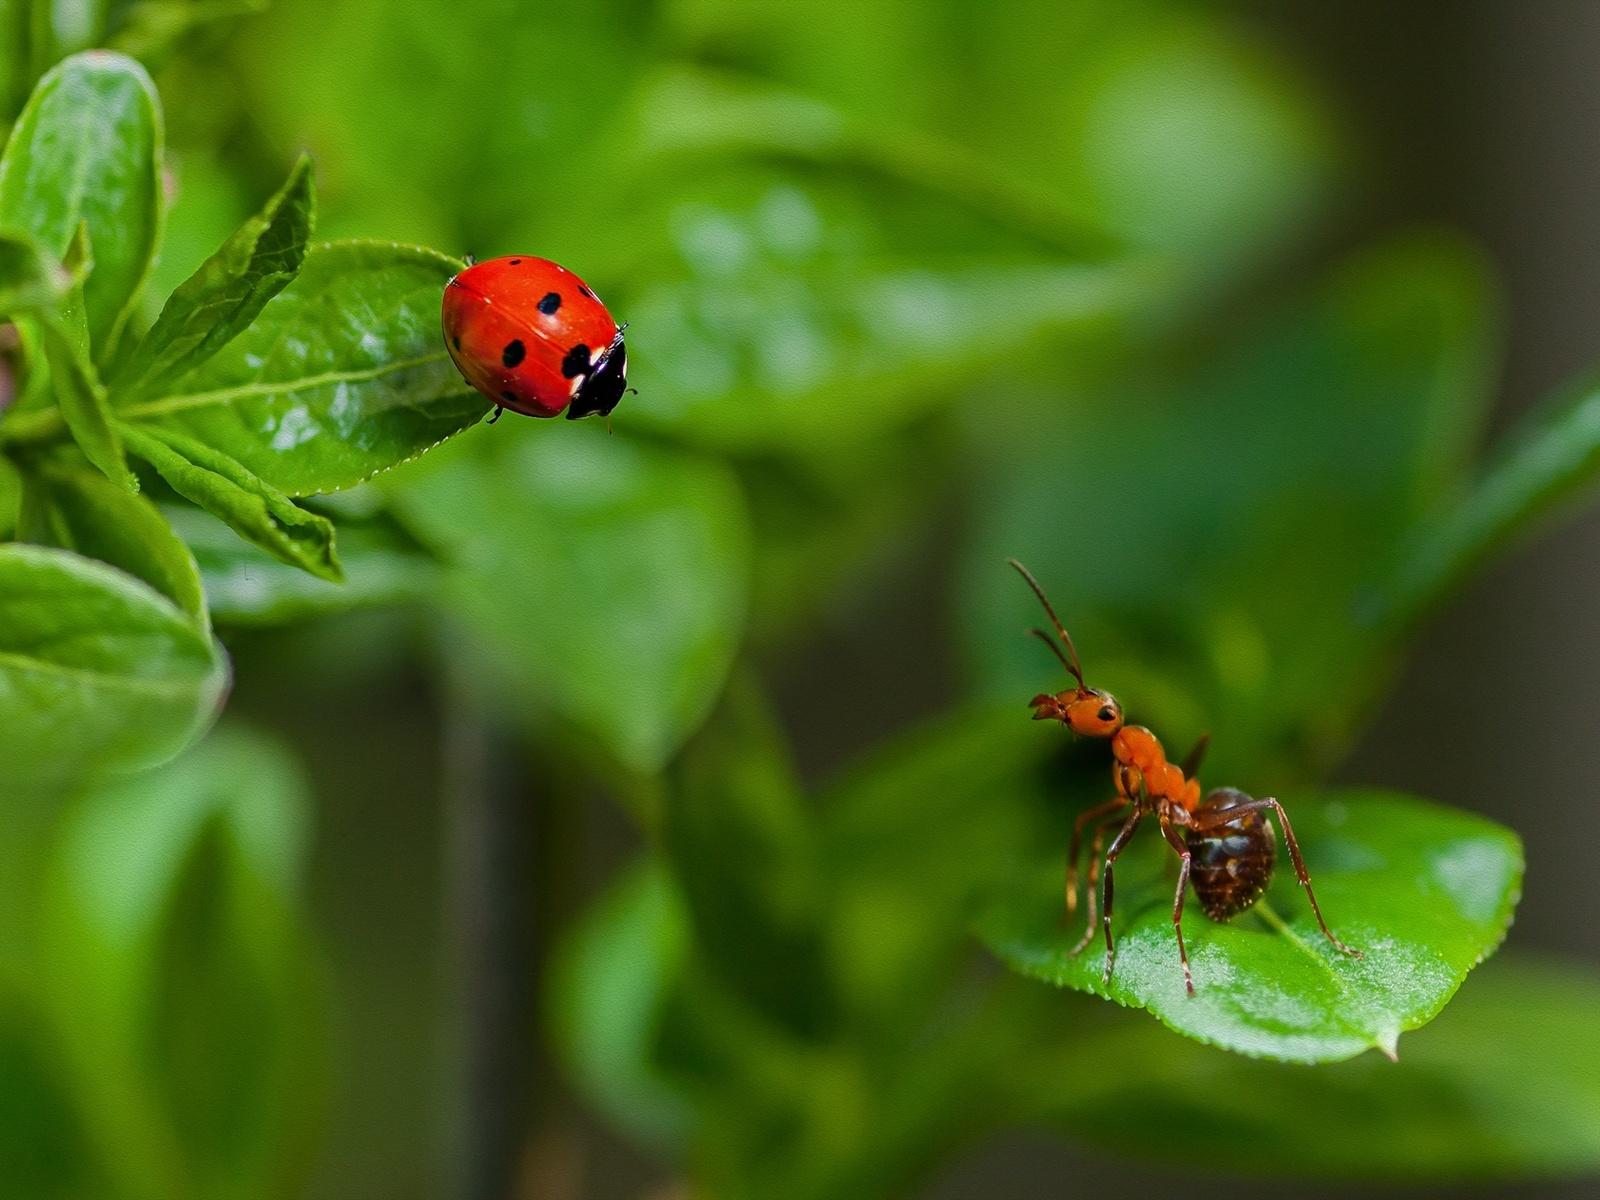 Картинки бабочек стрекоз божьих коровок